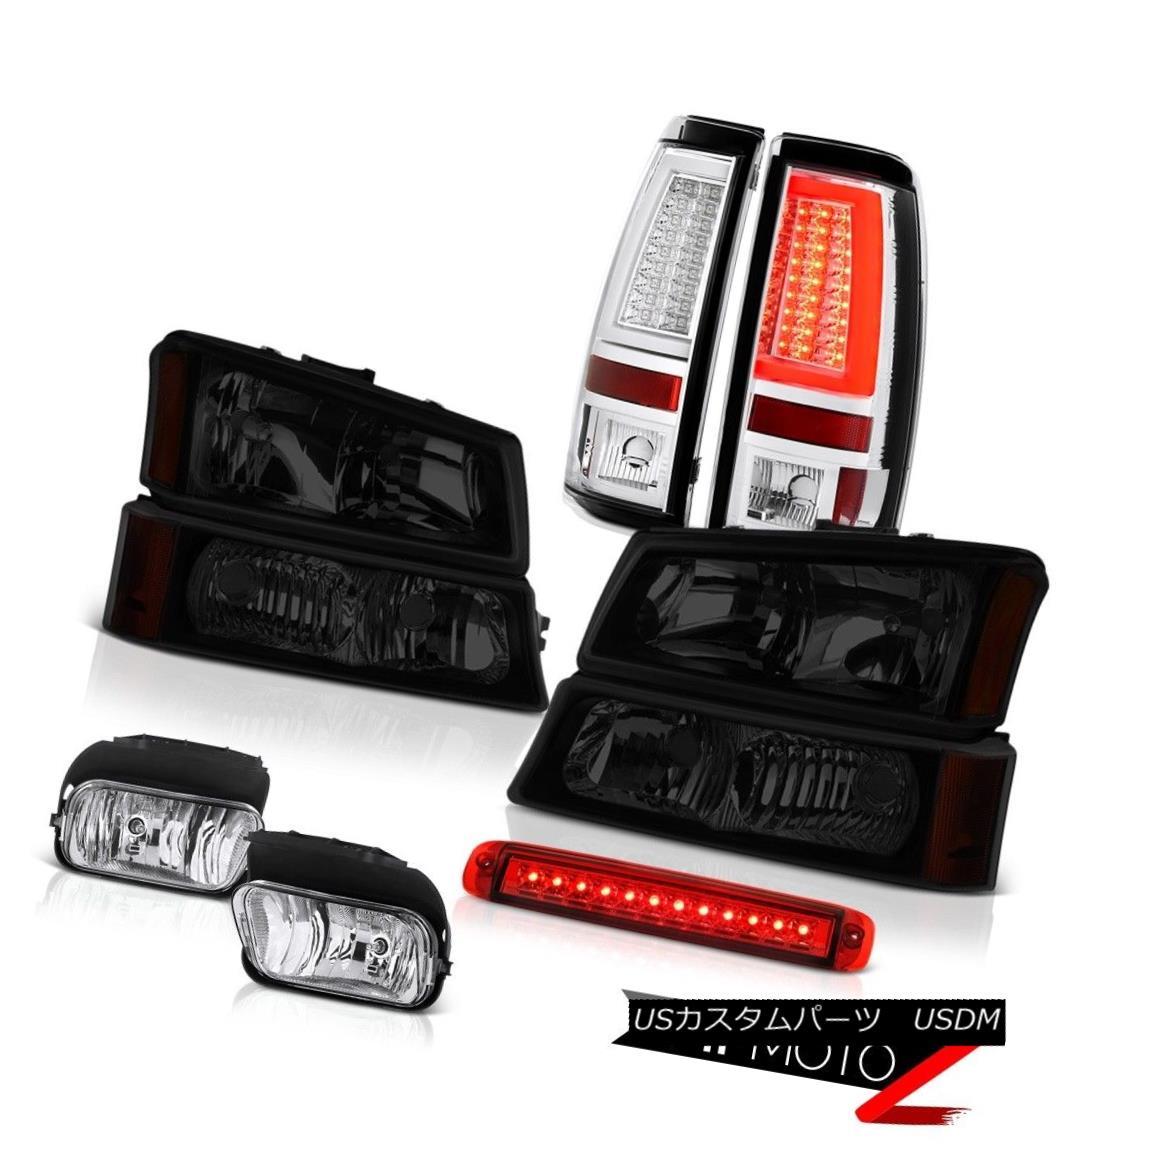 テールライト 03 04 05 06 Silverado 2500Hd Taillamps Red Third Brake Lamp Headlamps Foglights 03 04 05 06 Silverado 2500Hd Taillamps赤い第3ブレーキランプヘッドランプフォグライト